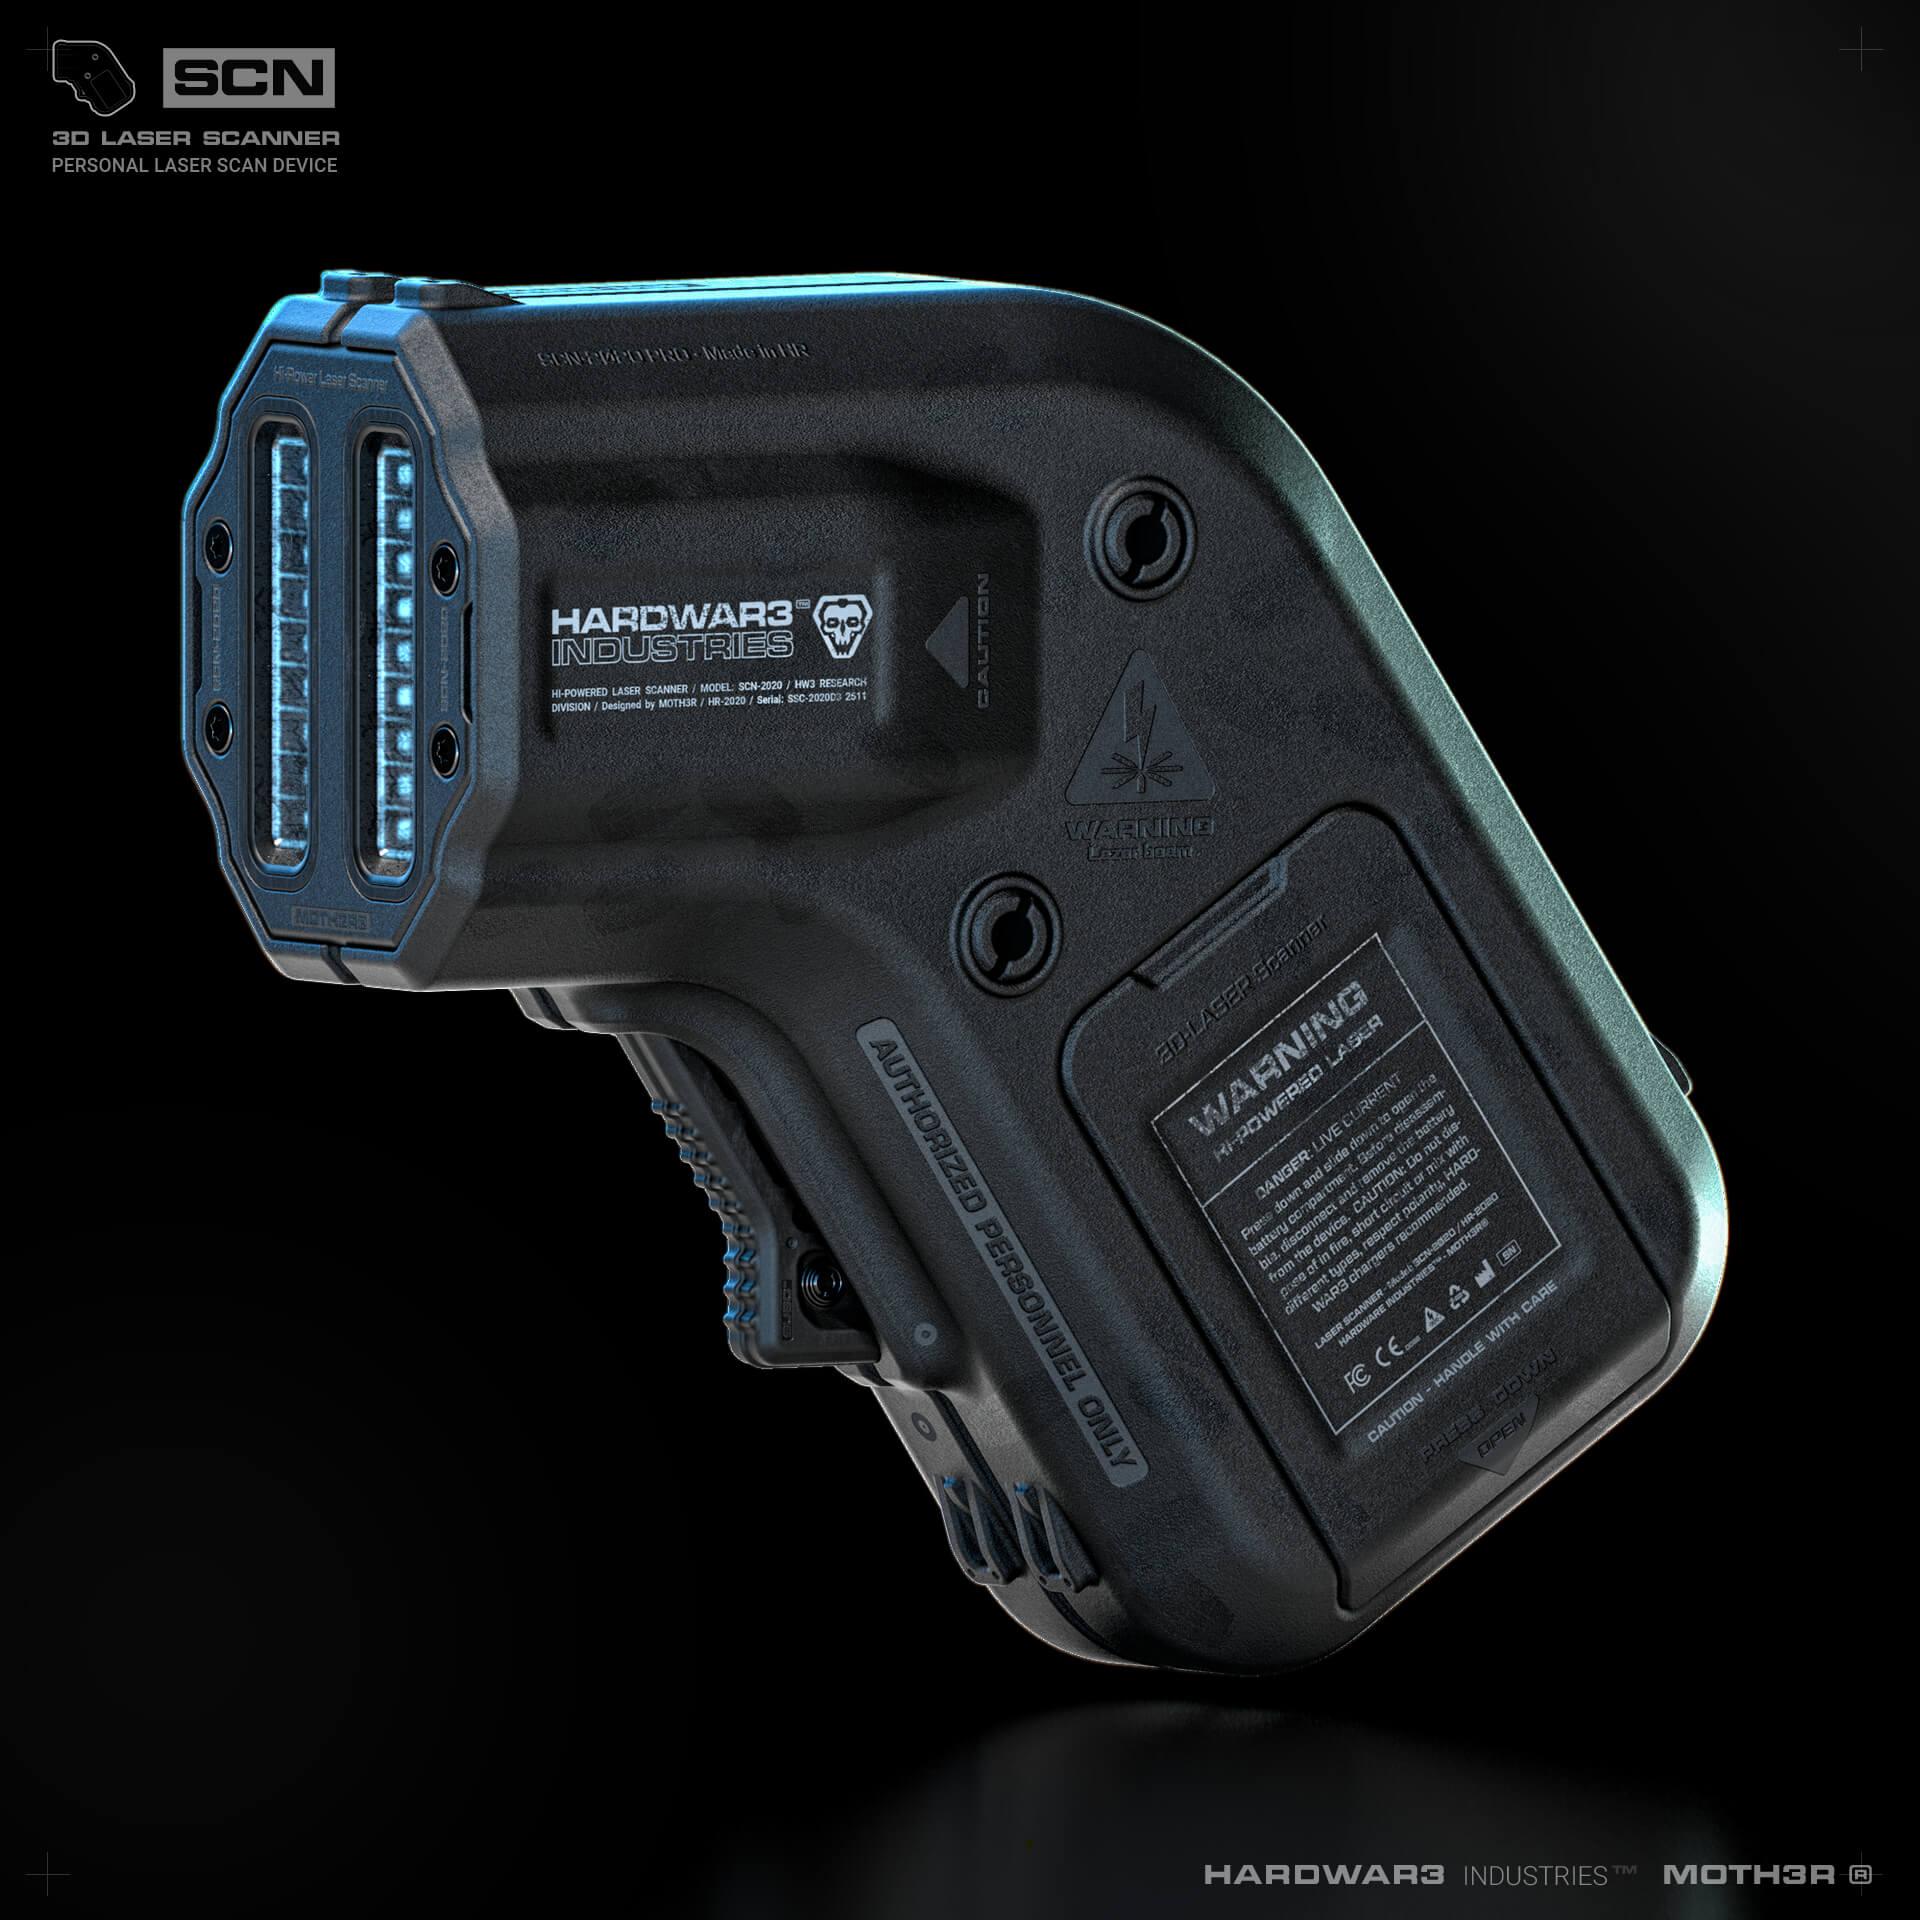 Scanner-001.64